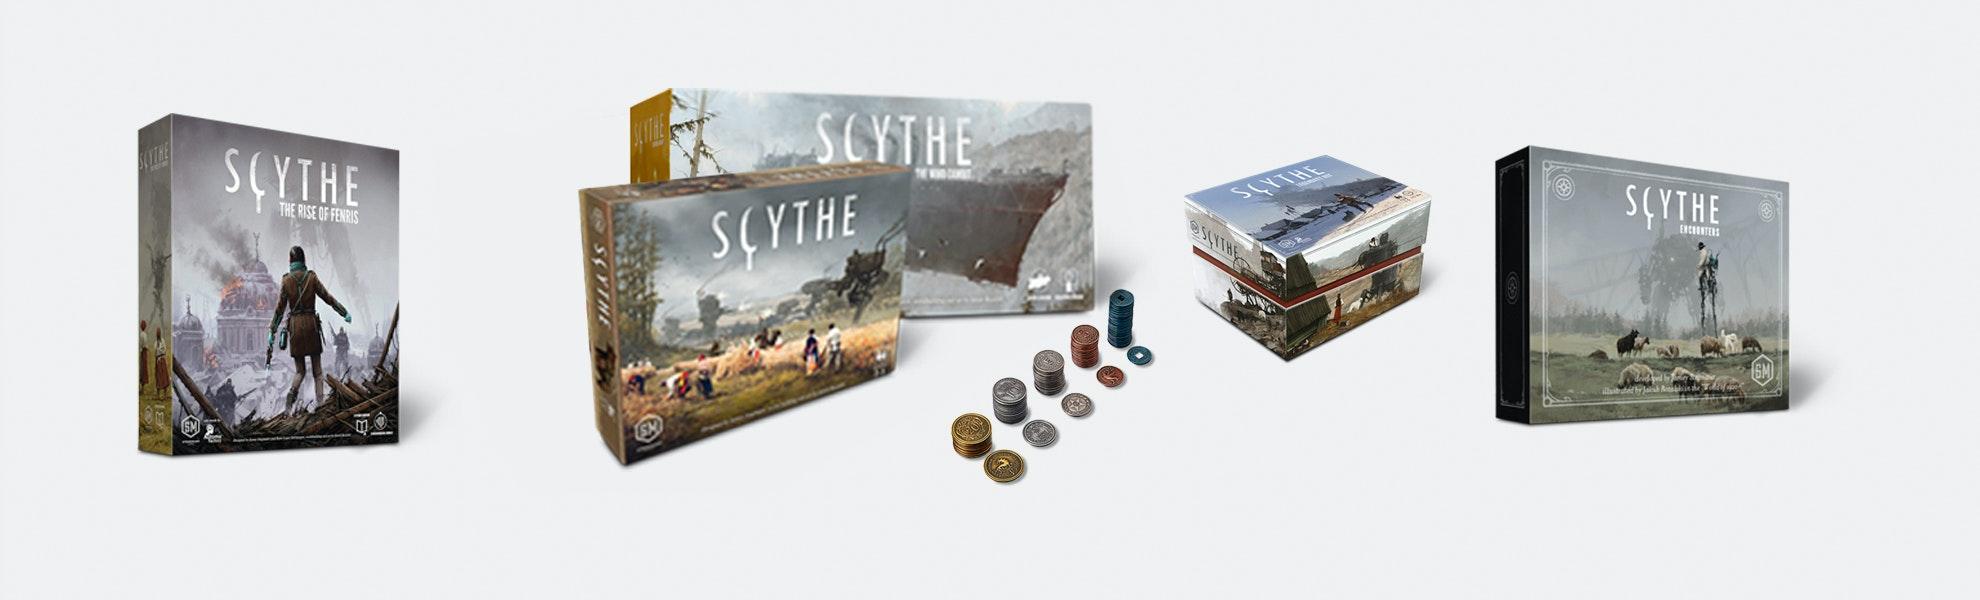 Scythe Scythe Legendary Board Game Bundle